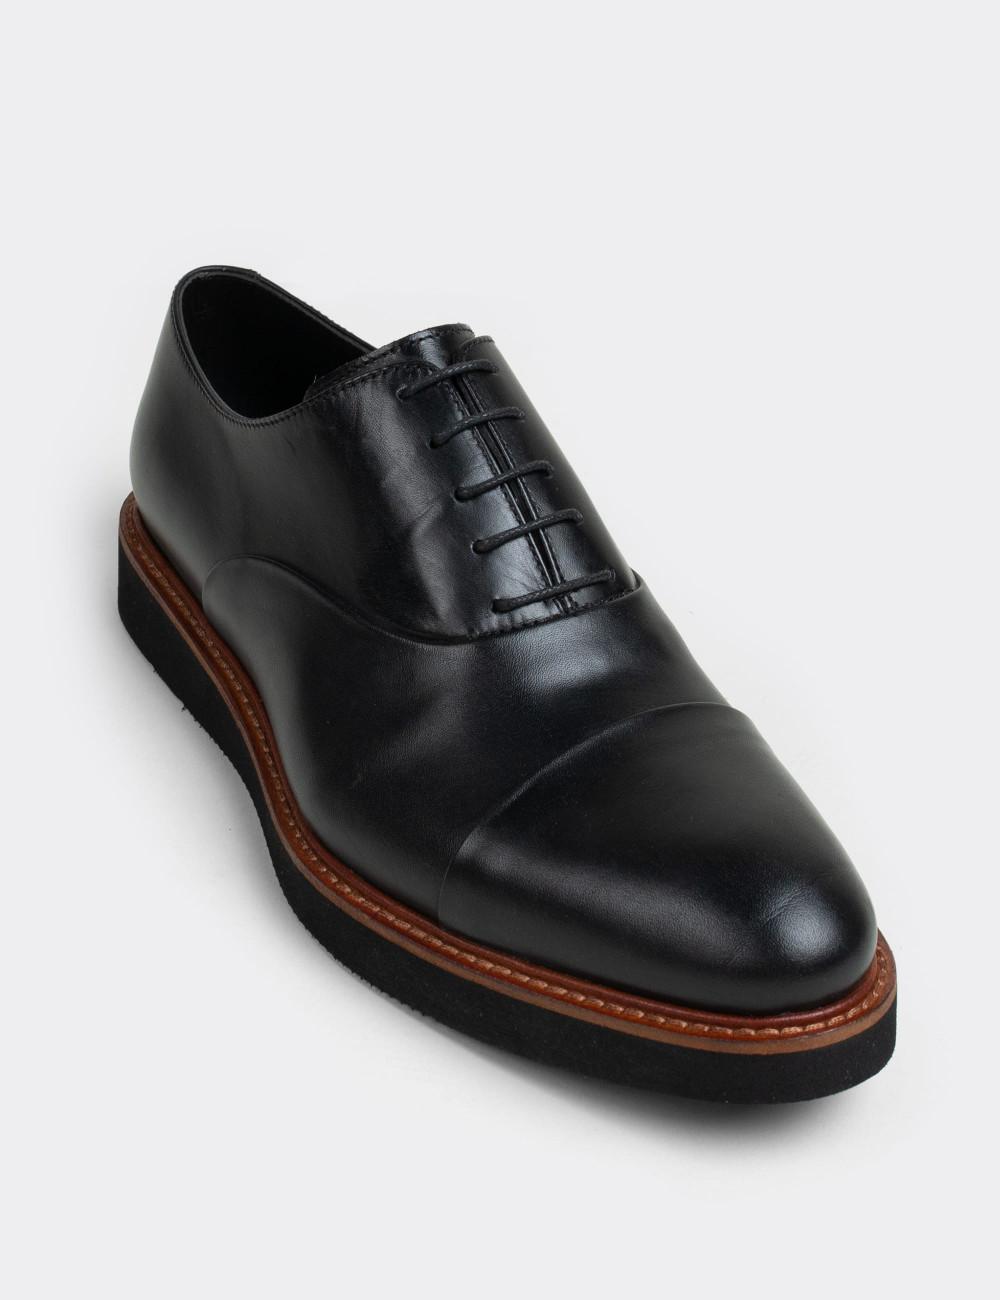 Hakiki Deri Siyah Casual Erkek Ayakkabı - 01026MSYHE04